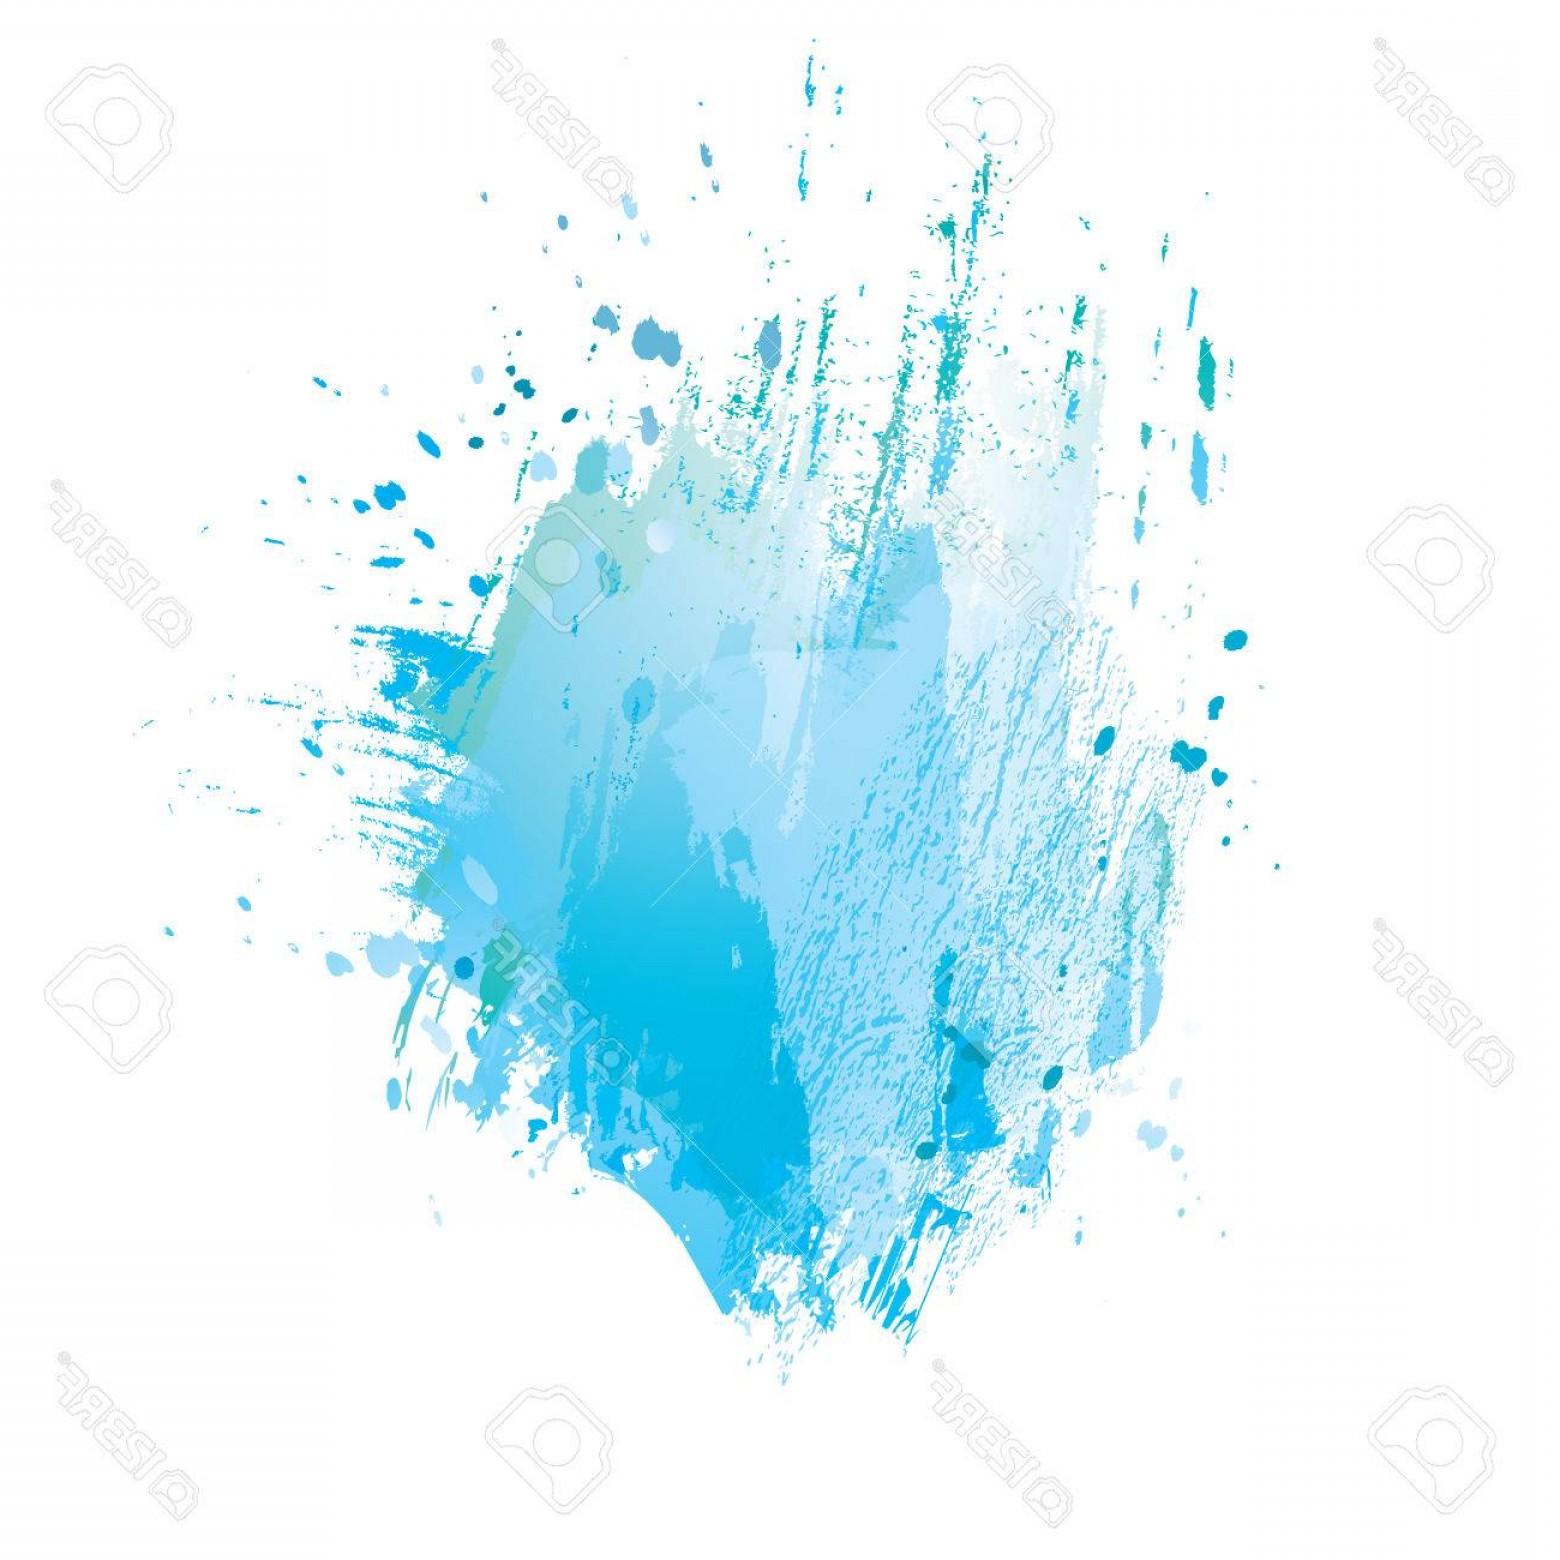 1560x1560 Watercolor Splatter Vector Free Lazttweet